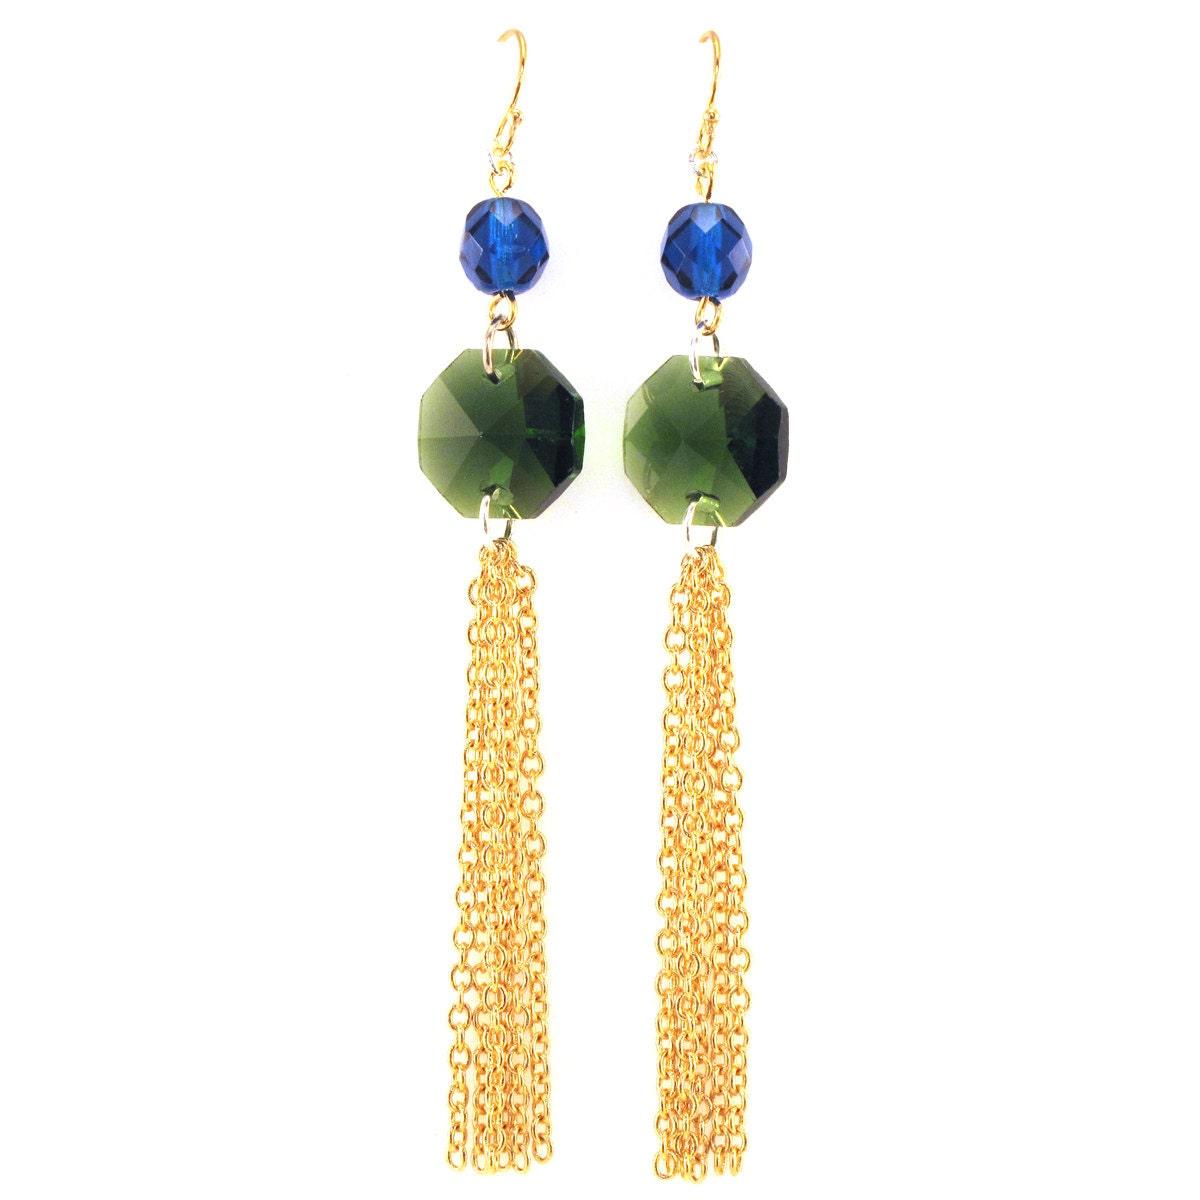 emerald green tassel earrings statement earrings by manictrout